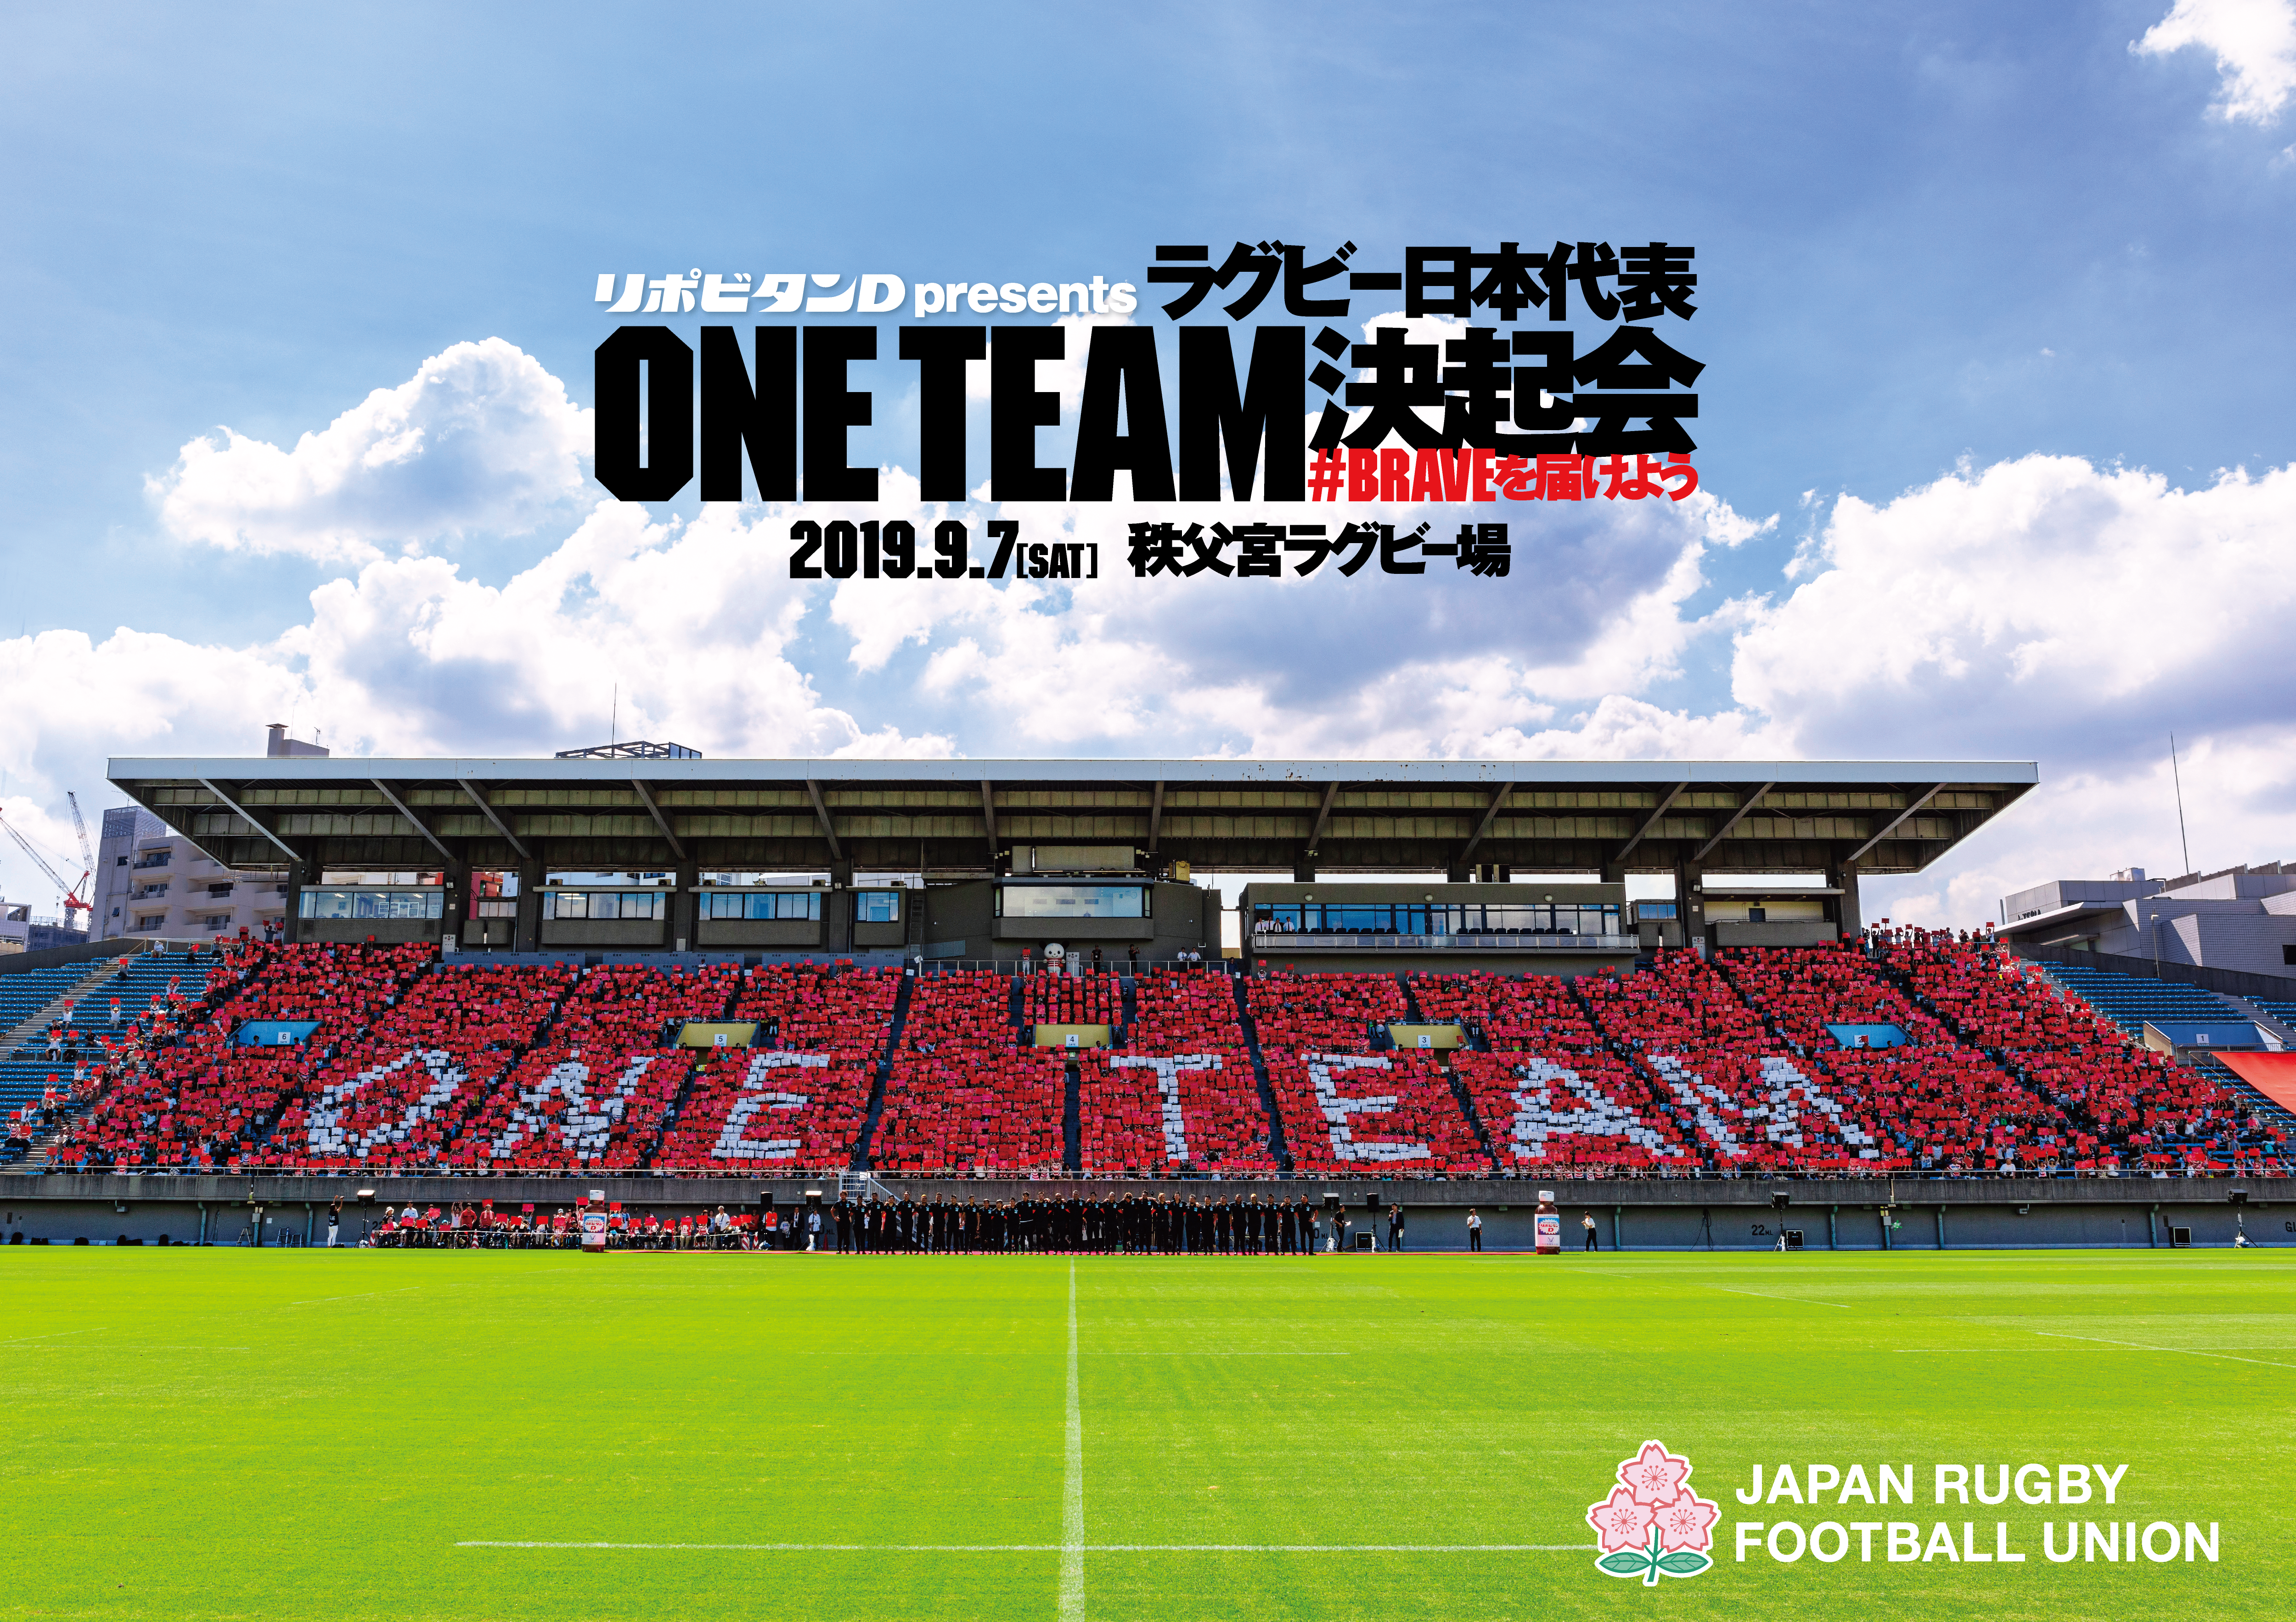 記念写真ダウンロード リポビタンd Presents ラグビー日本代表one Team決起会 Braveを届けよう コレオグラフィー記念写真ダウンロードのご案内 日本ラグビーフットボール協会 Rugby For All ノーサイドの精神 を 日本へ 世界へ